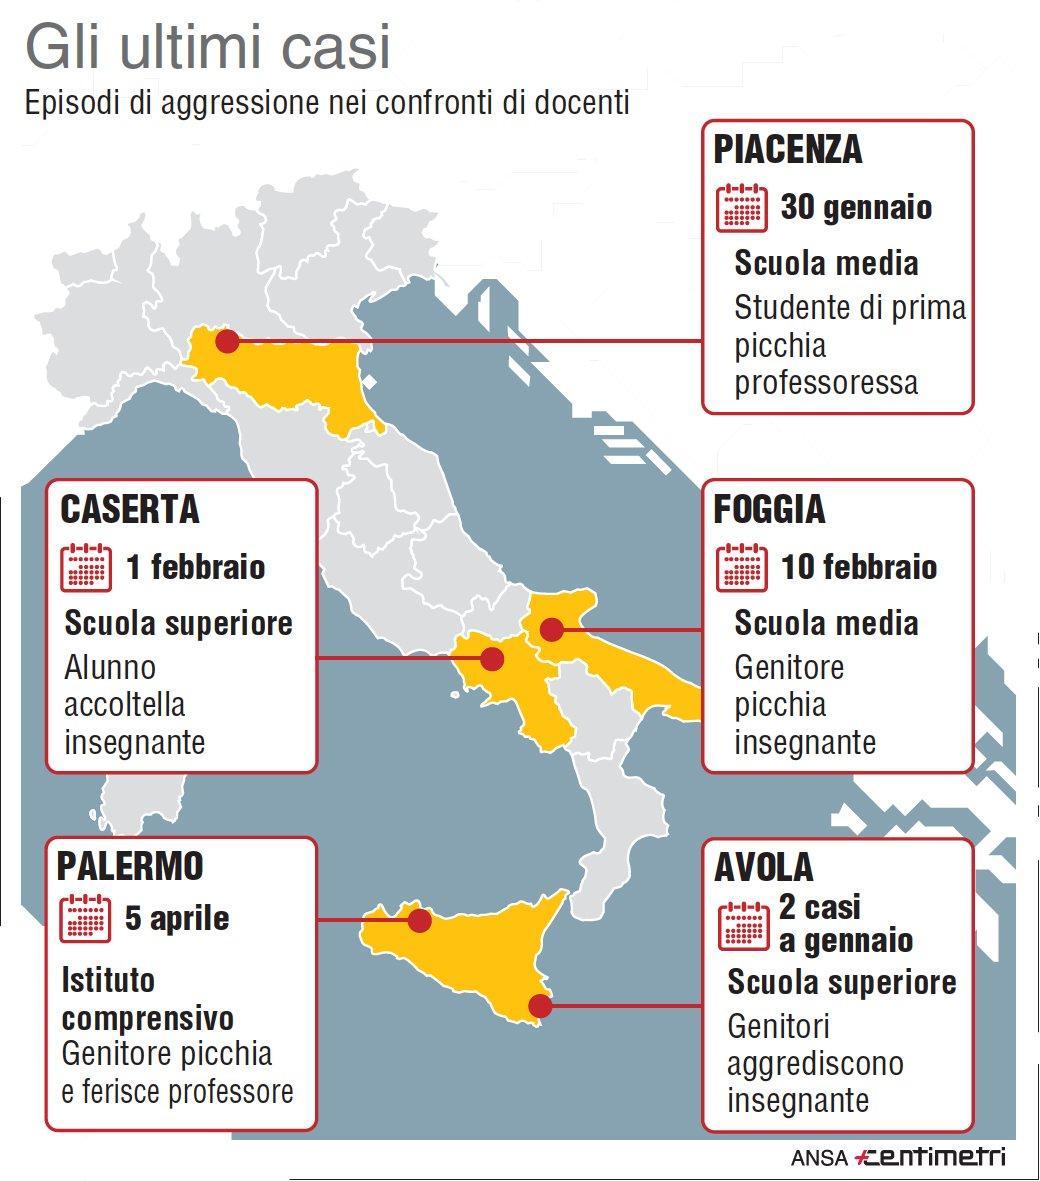 Docenti picchiati, gli ultimi casi in Italia